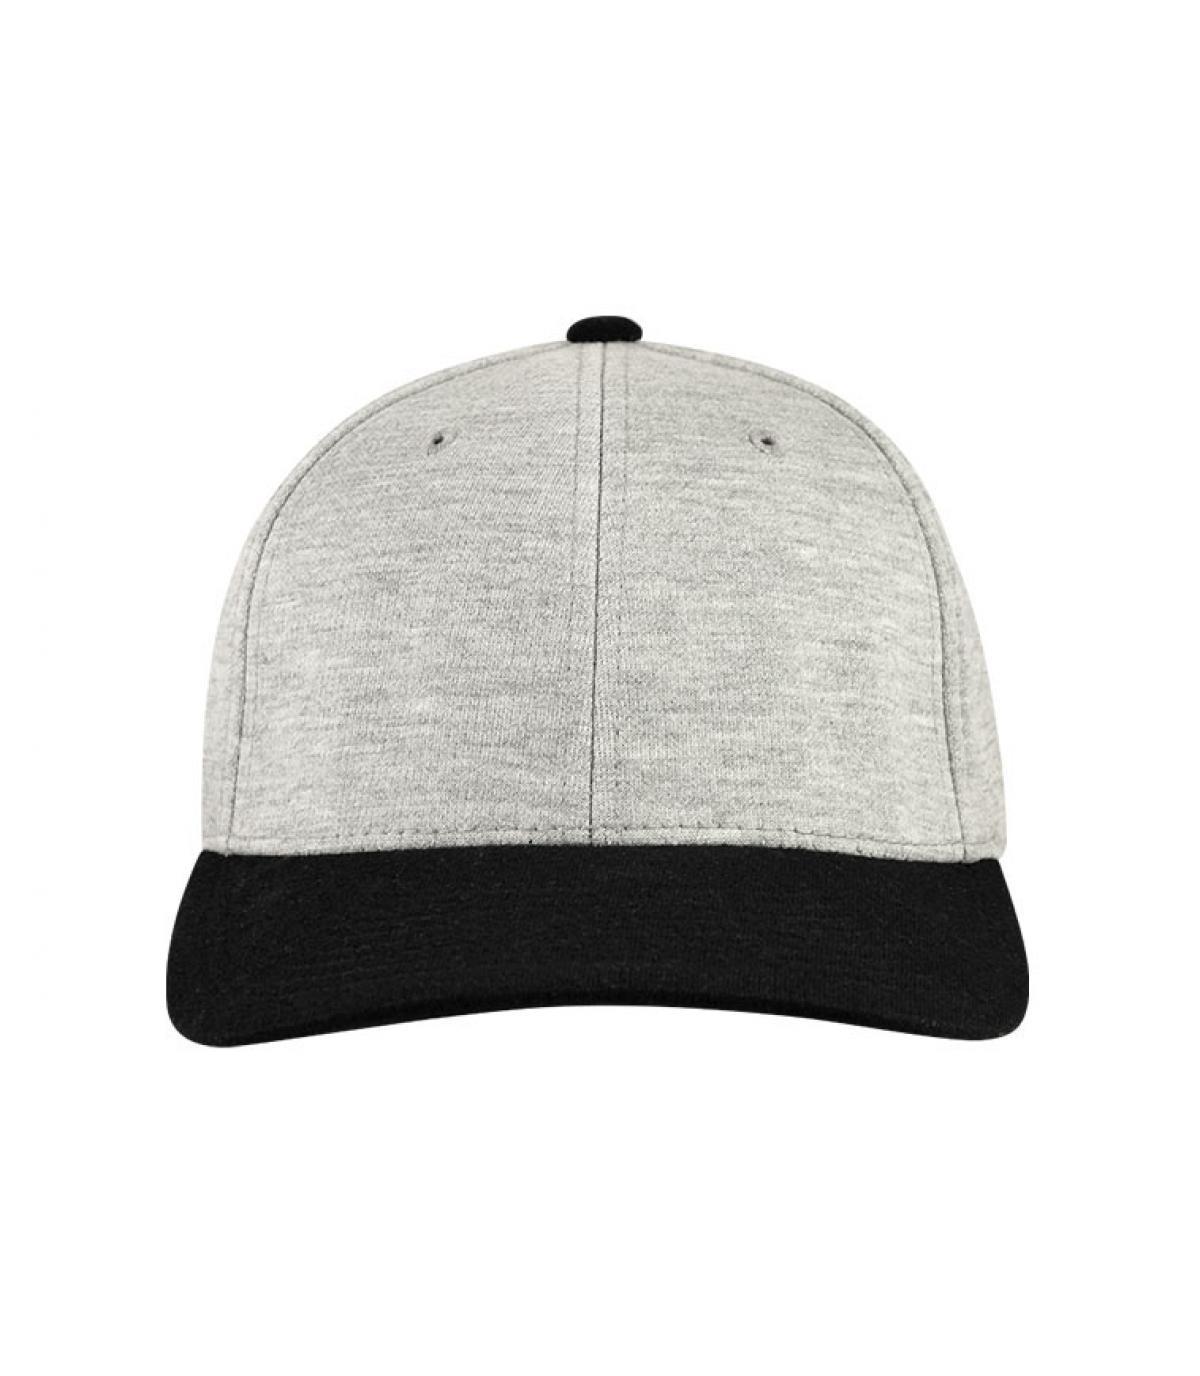 Détails Casquette jersey gris noir - image 5